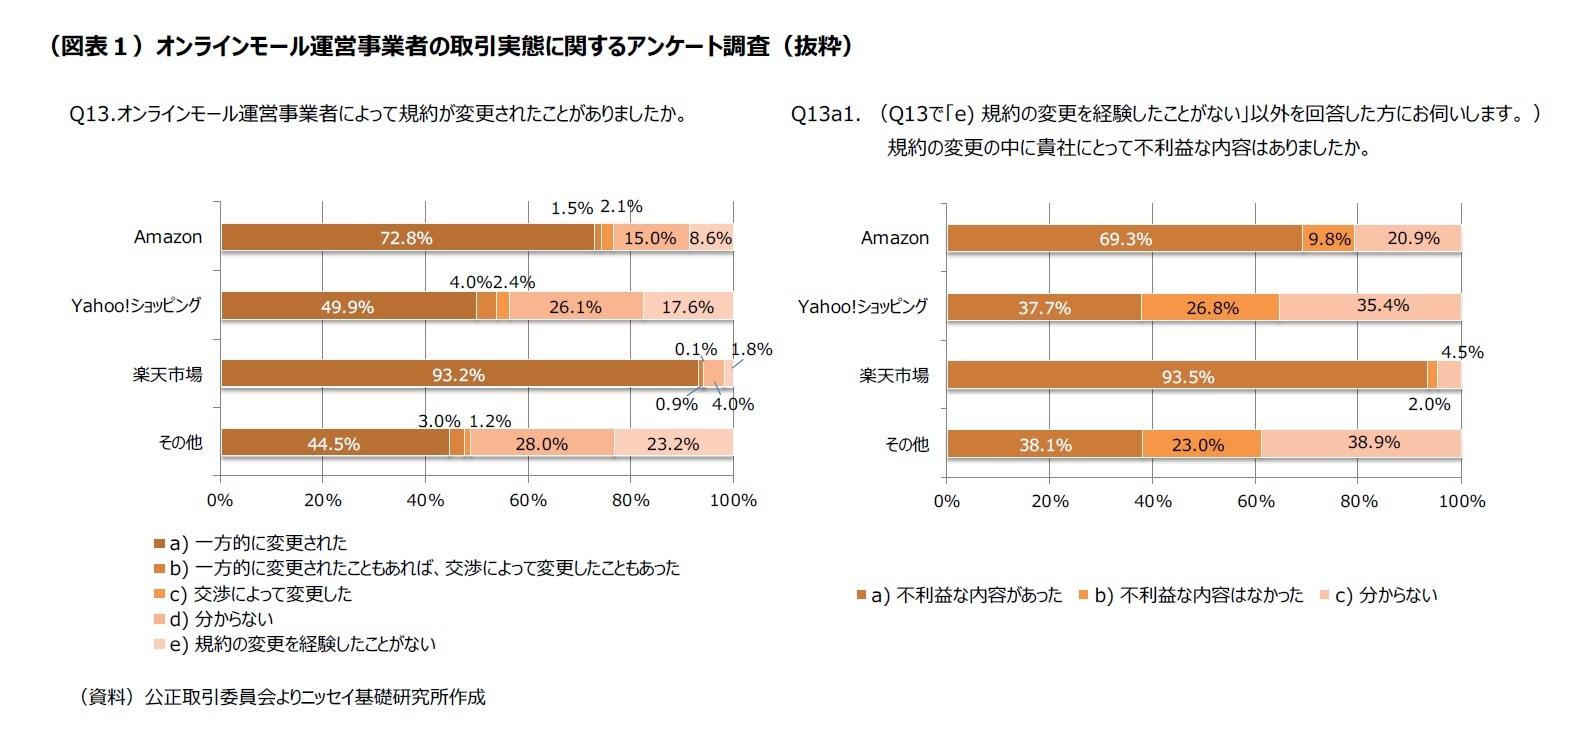 (図表1)オンラインモール運営事業者の取引実態 に関するアンケート調査(抜粋)